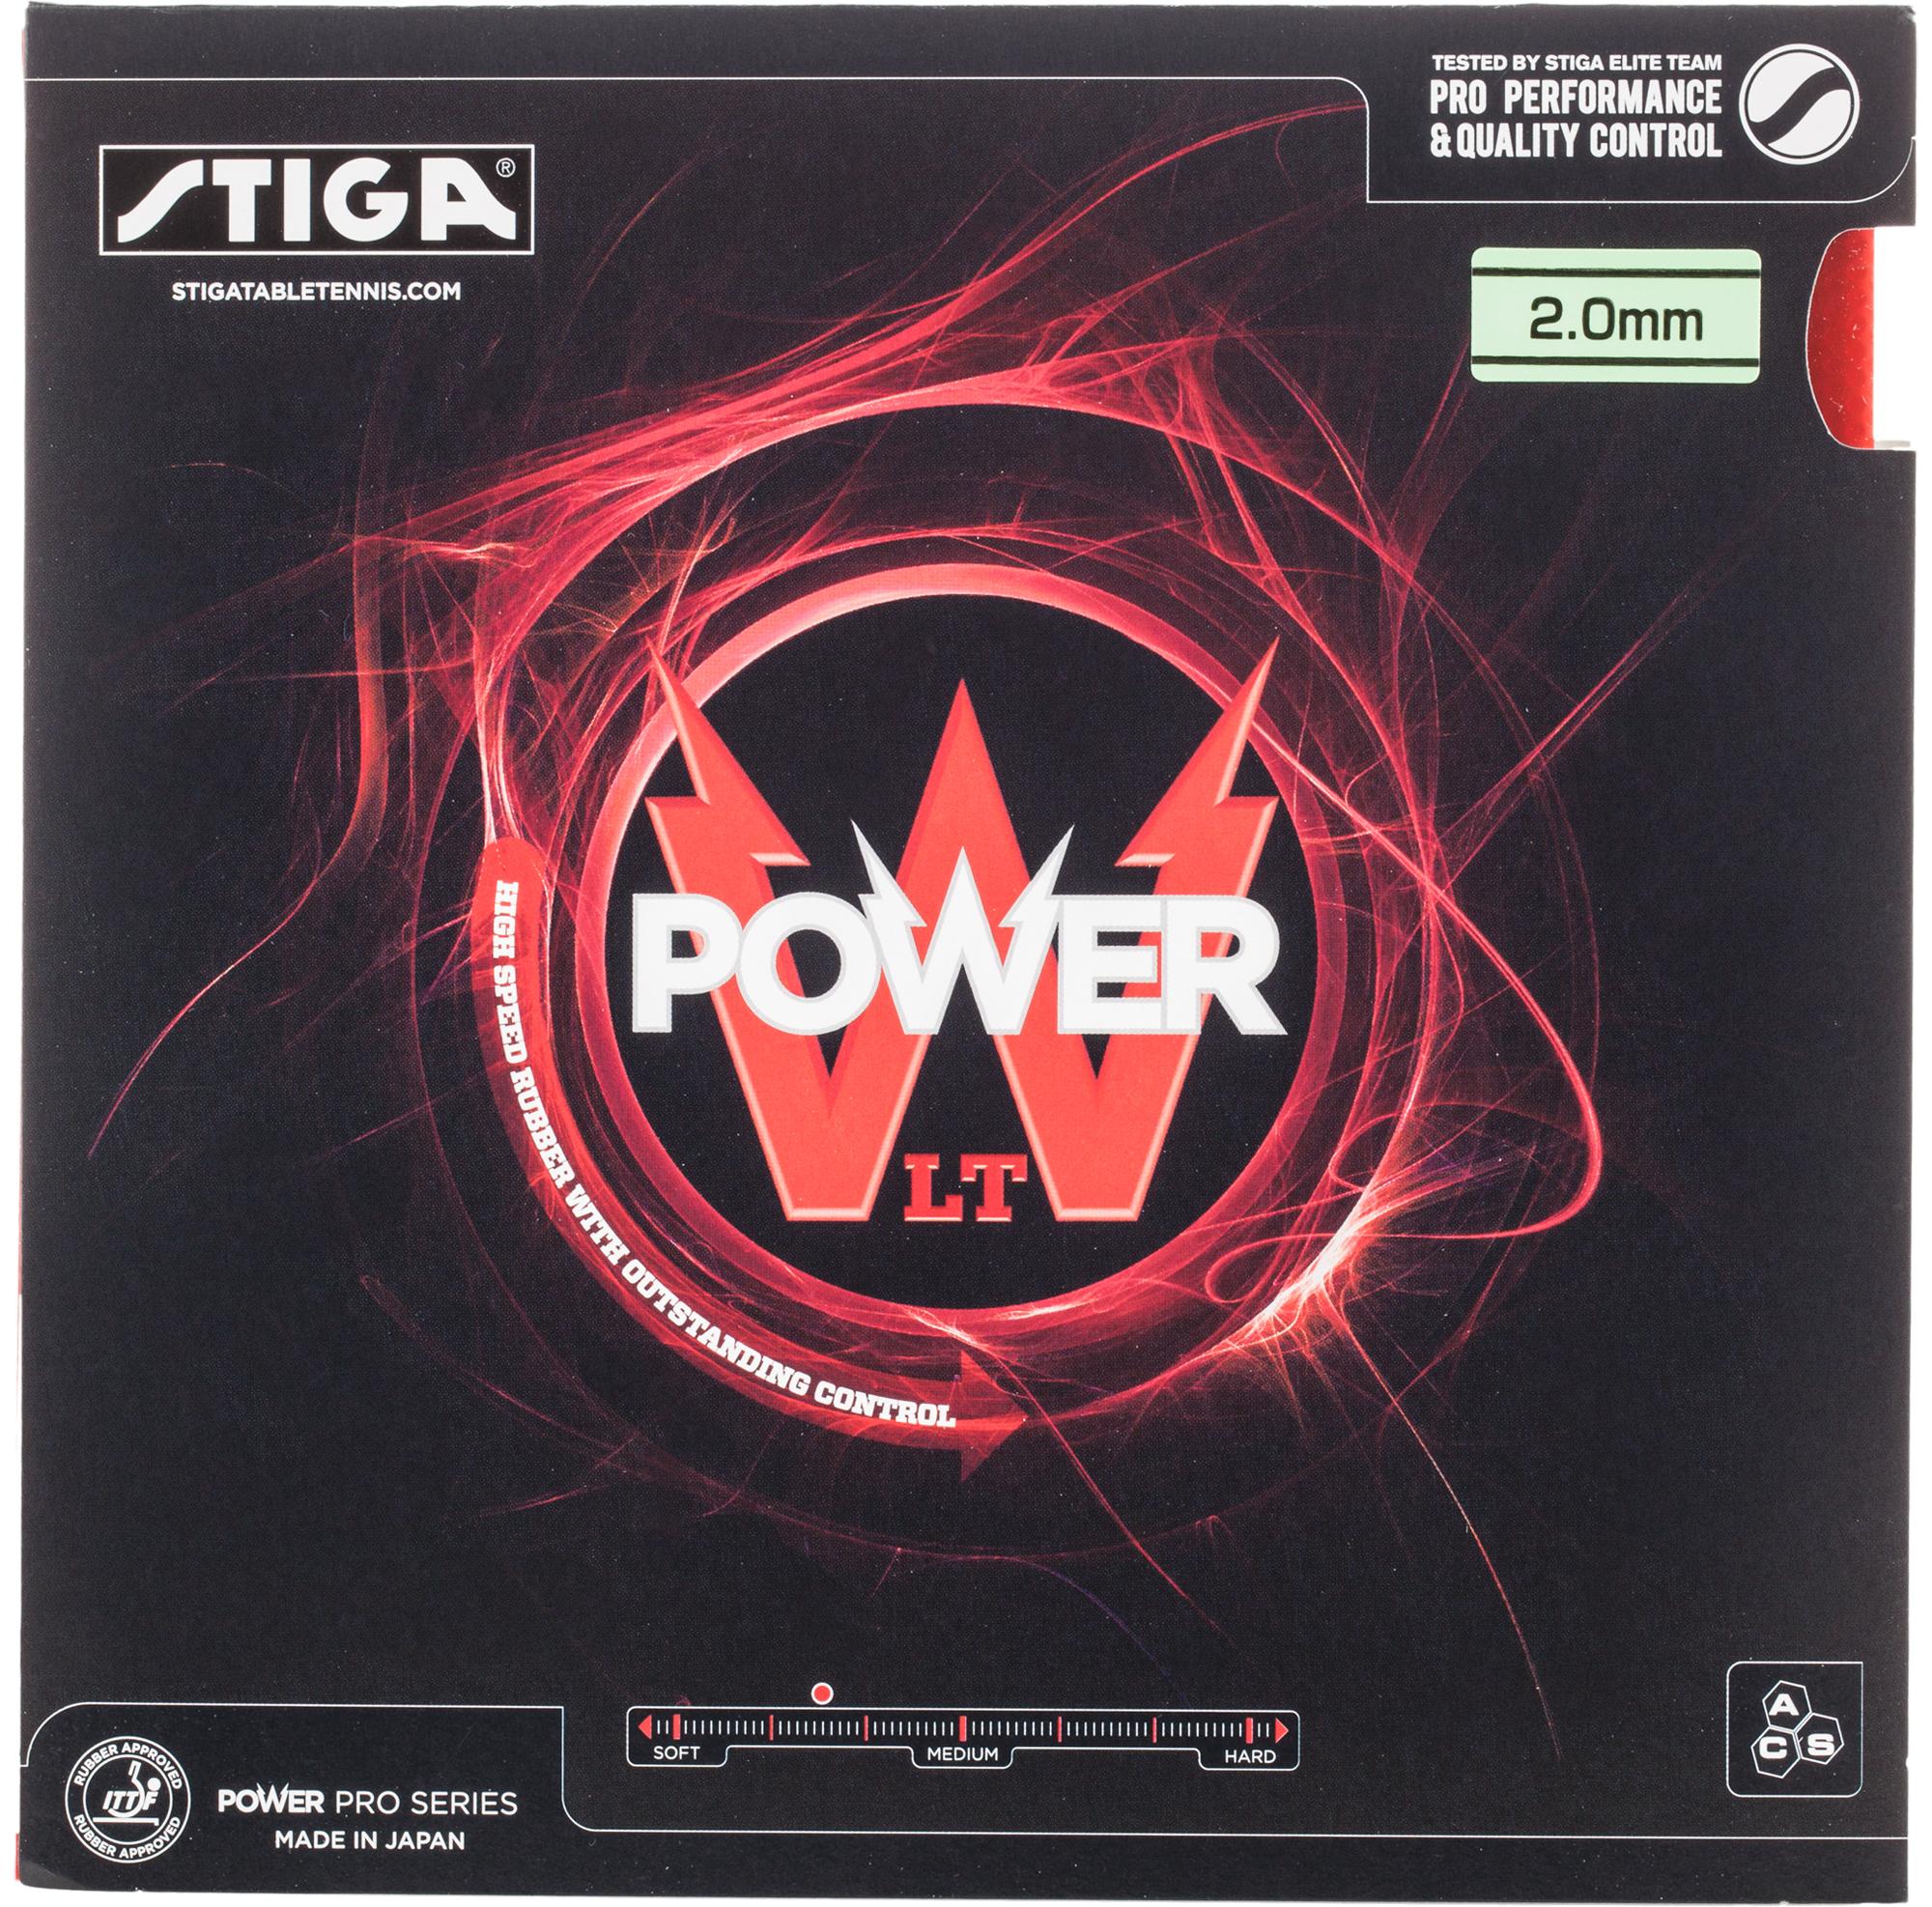 Stiga Накладка для настольного тенниса Stiga Power LT, размер Без размера stiga накладка stiga jms evo 1